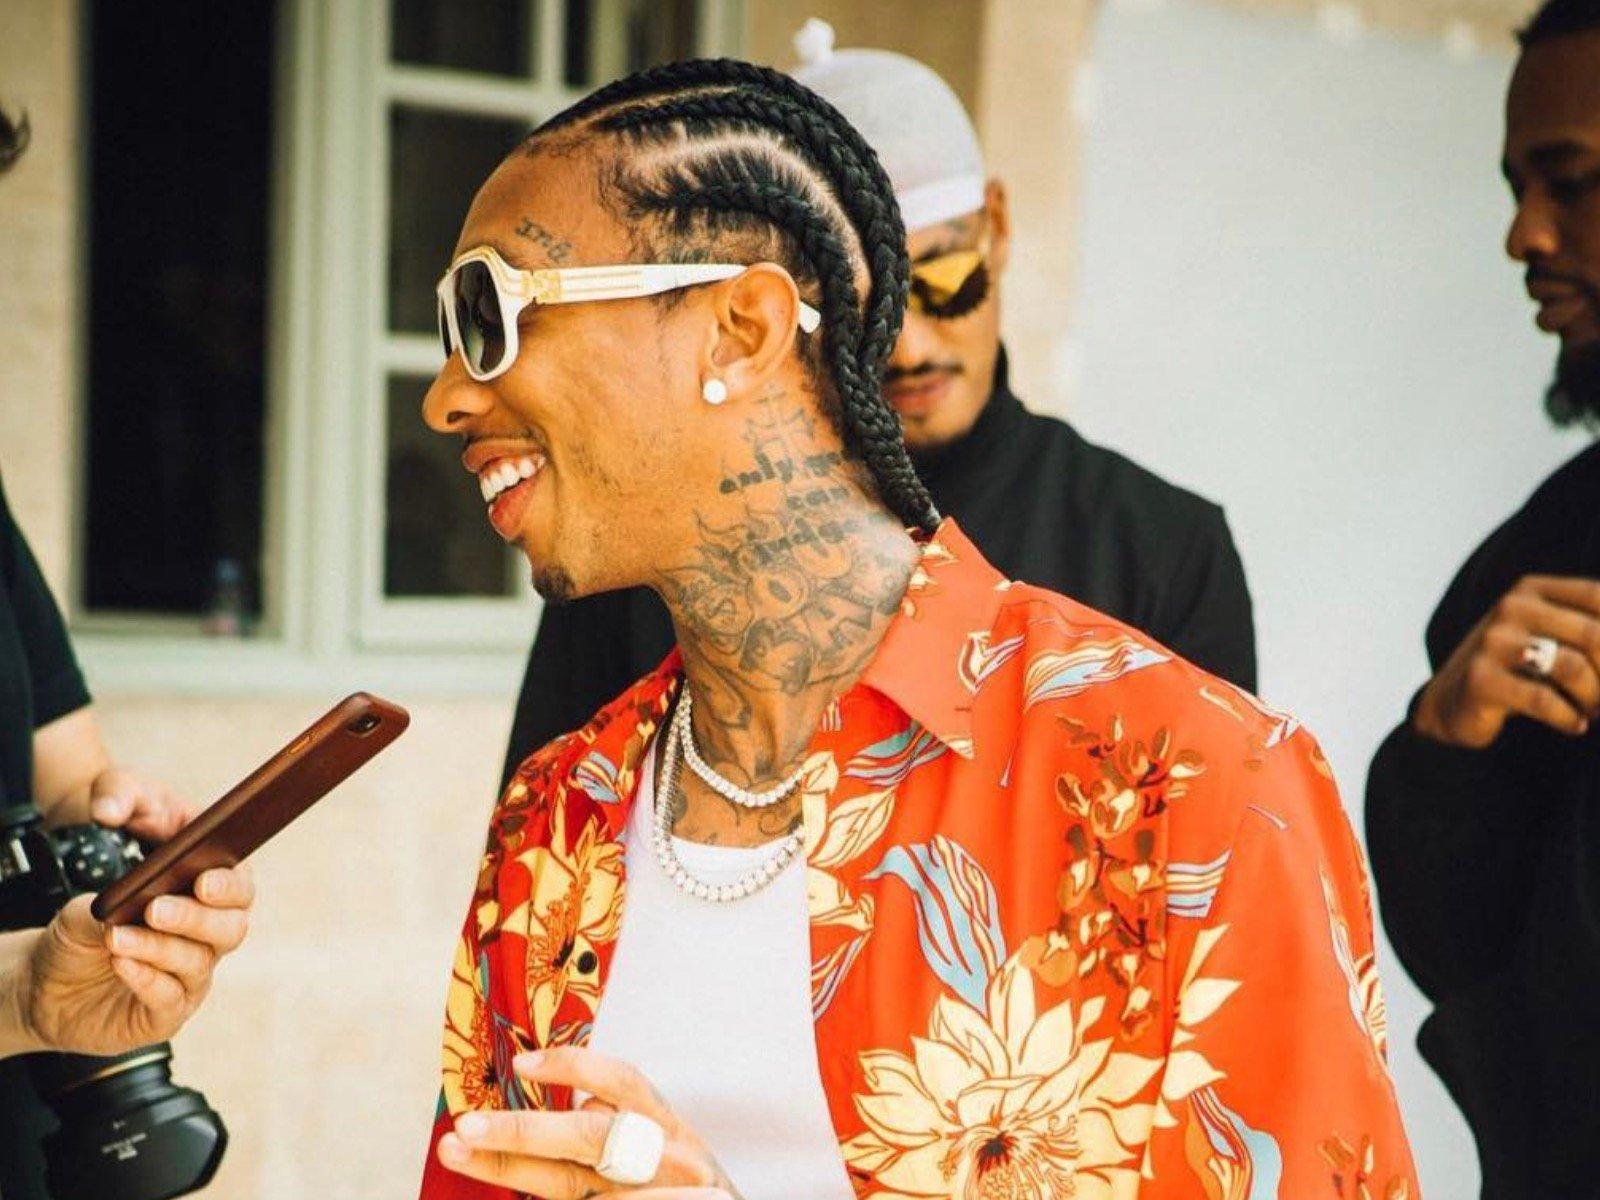 Lil Wayne Daughter 2017 Boyfriend